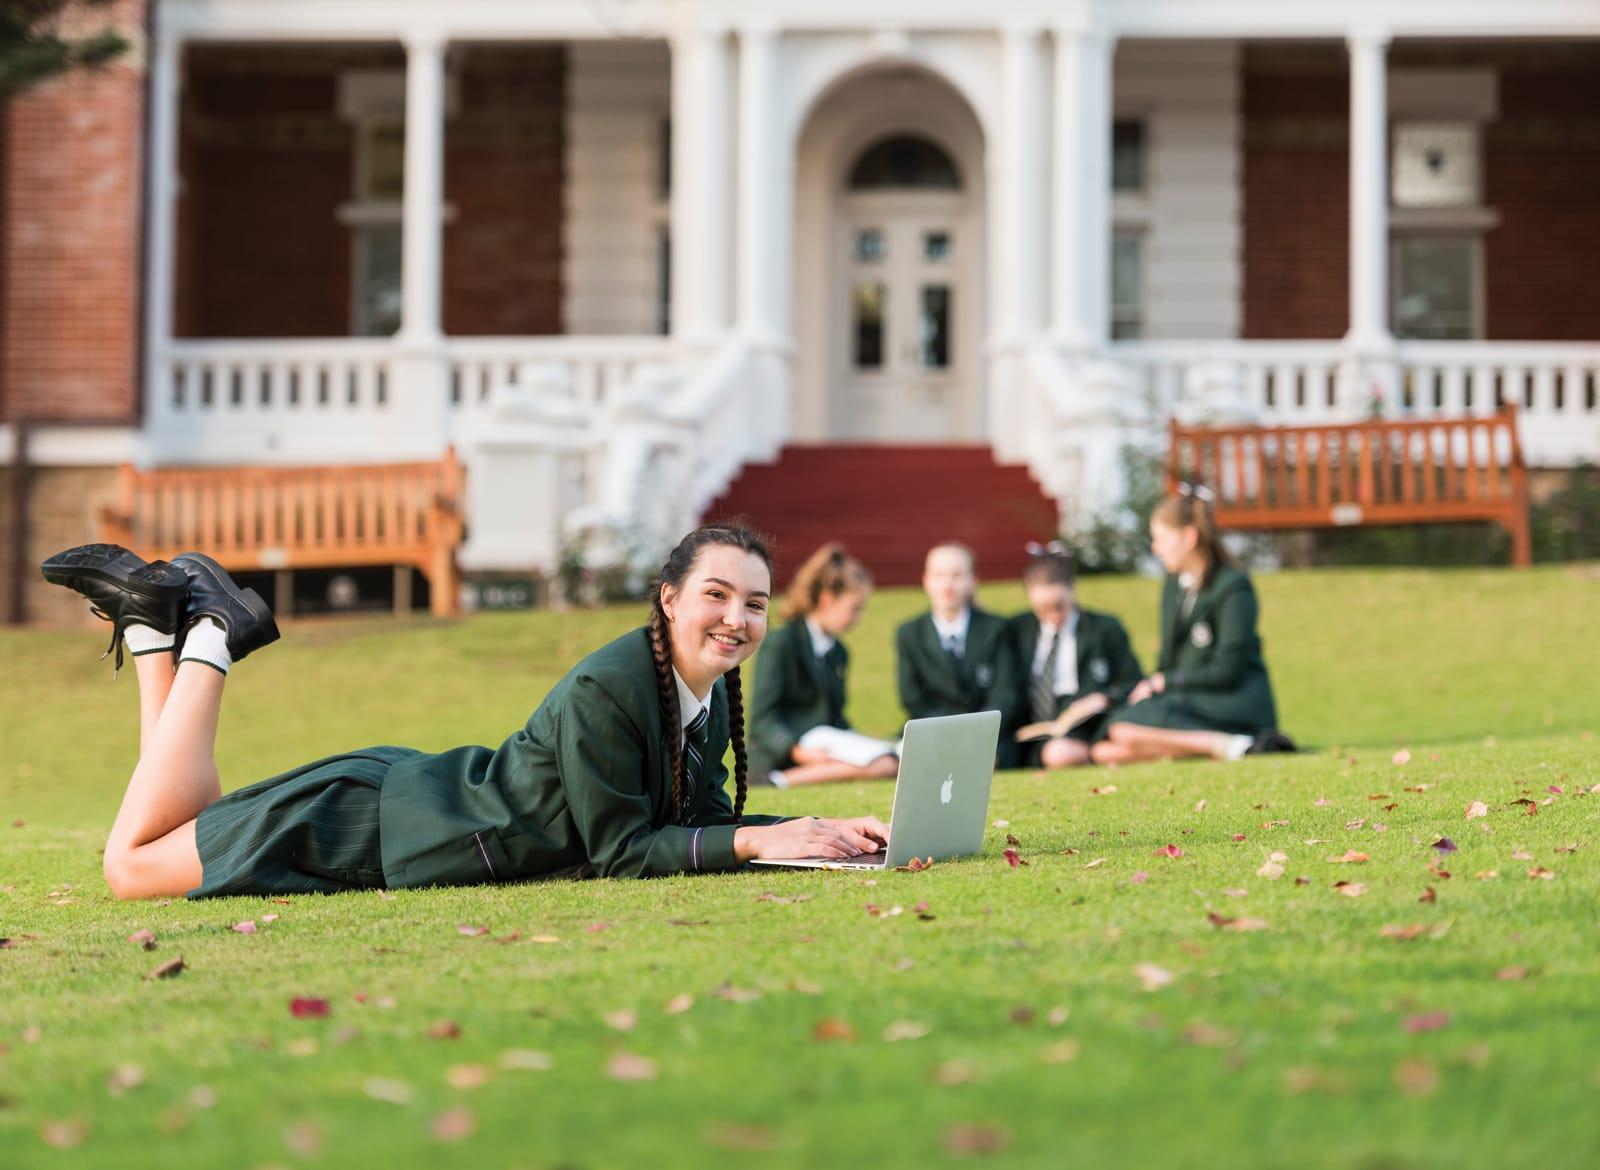 卫理公会女子学院 澳洲中学留学 西澳中学 澳洲留学 申请澳洲中小学留学